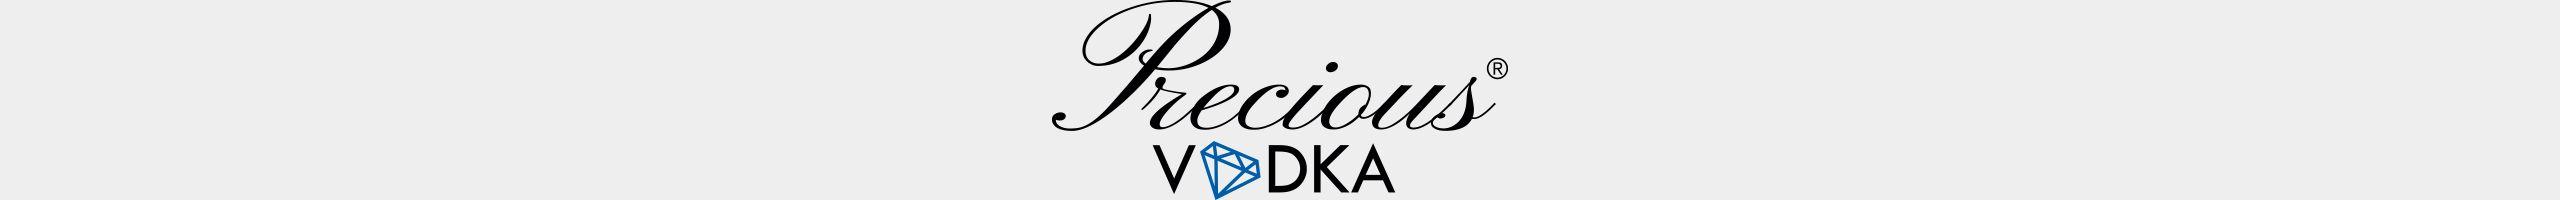 200909_Site_Precious_Vodka_Promos_Logo